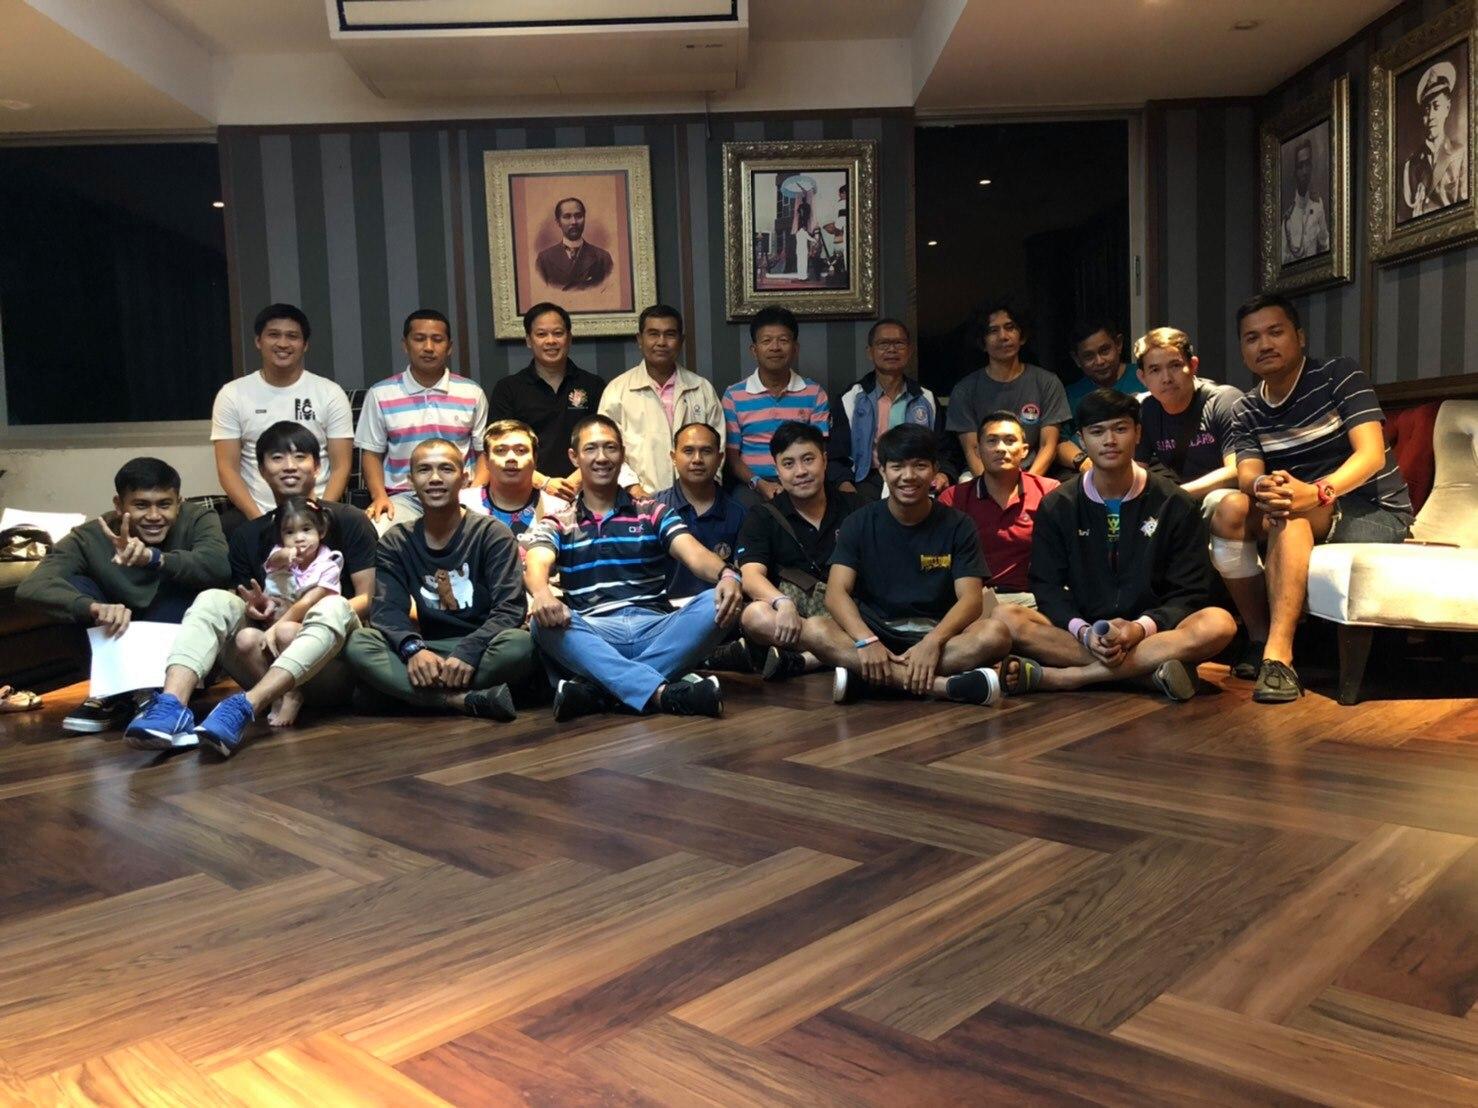 ทีมชาติไทย ปกเกล้า อนันต์ วิรัช ชาญพานิชย์ สวนกุหลาบ อดิศร พรหมรักษ์